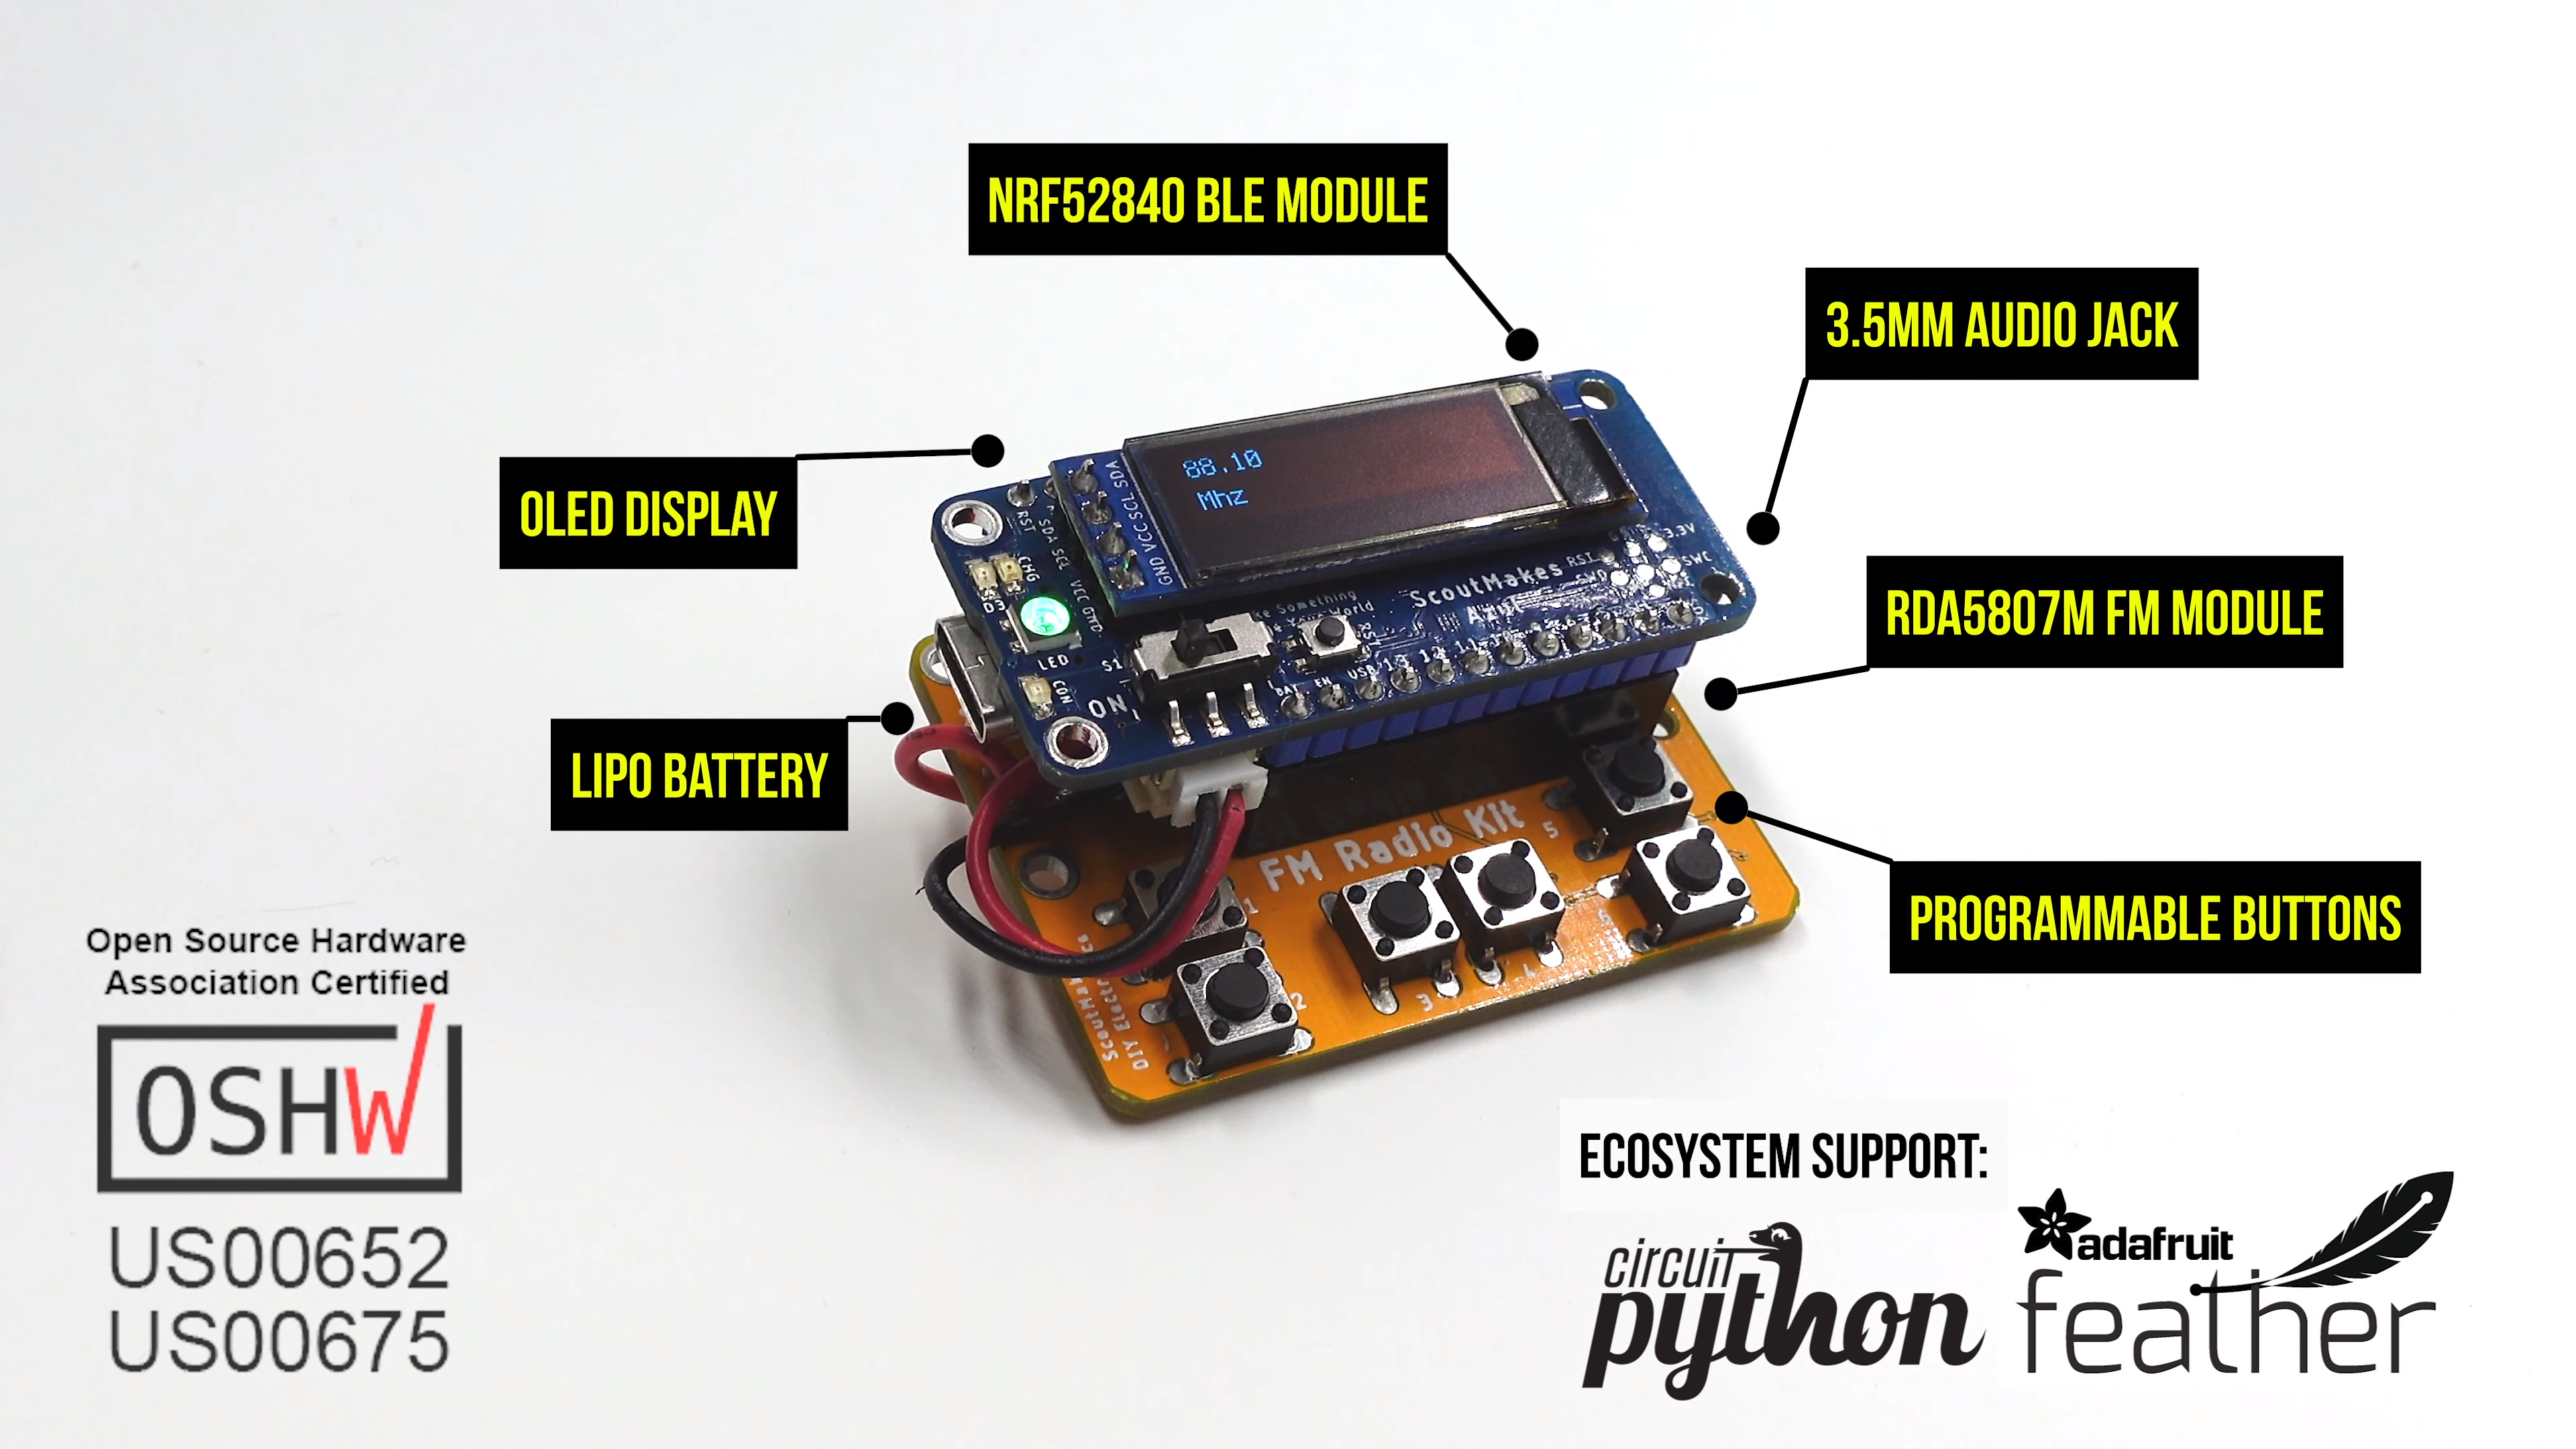 circuitpython_fm_features.png